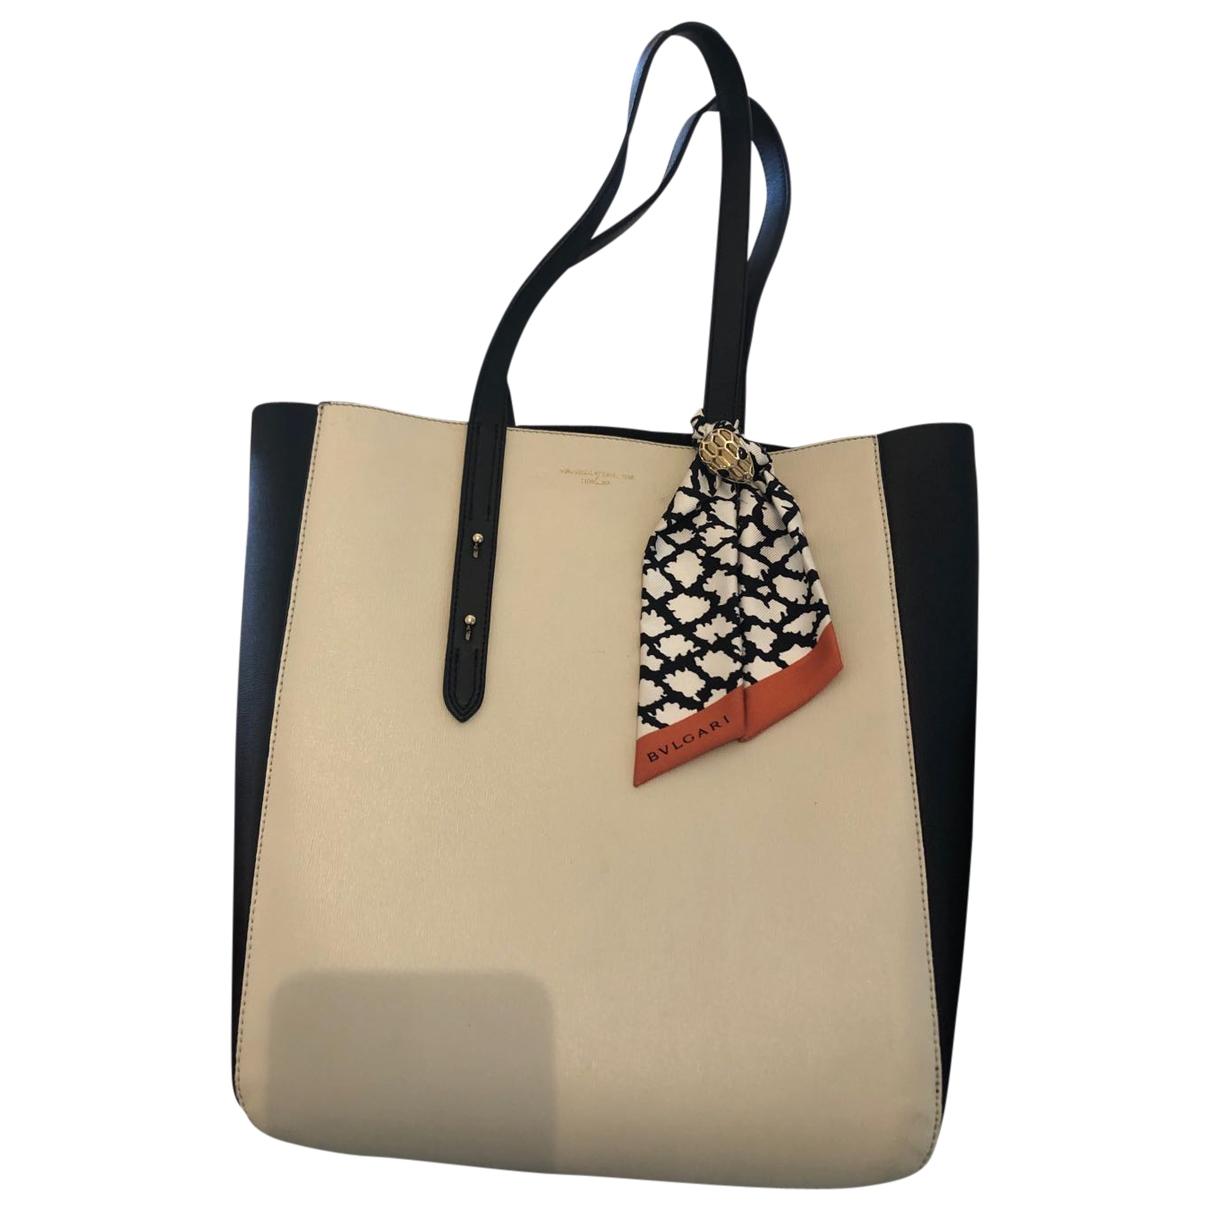 Aspinal Of London \N Handtasche in  Beige Leder